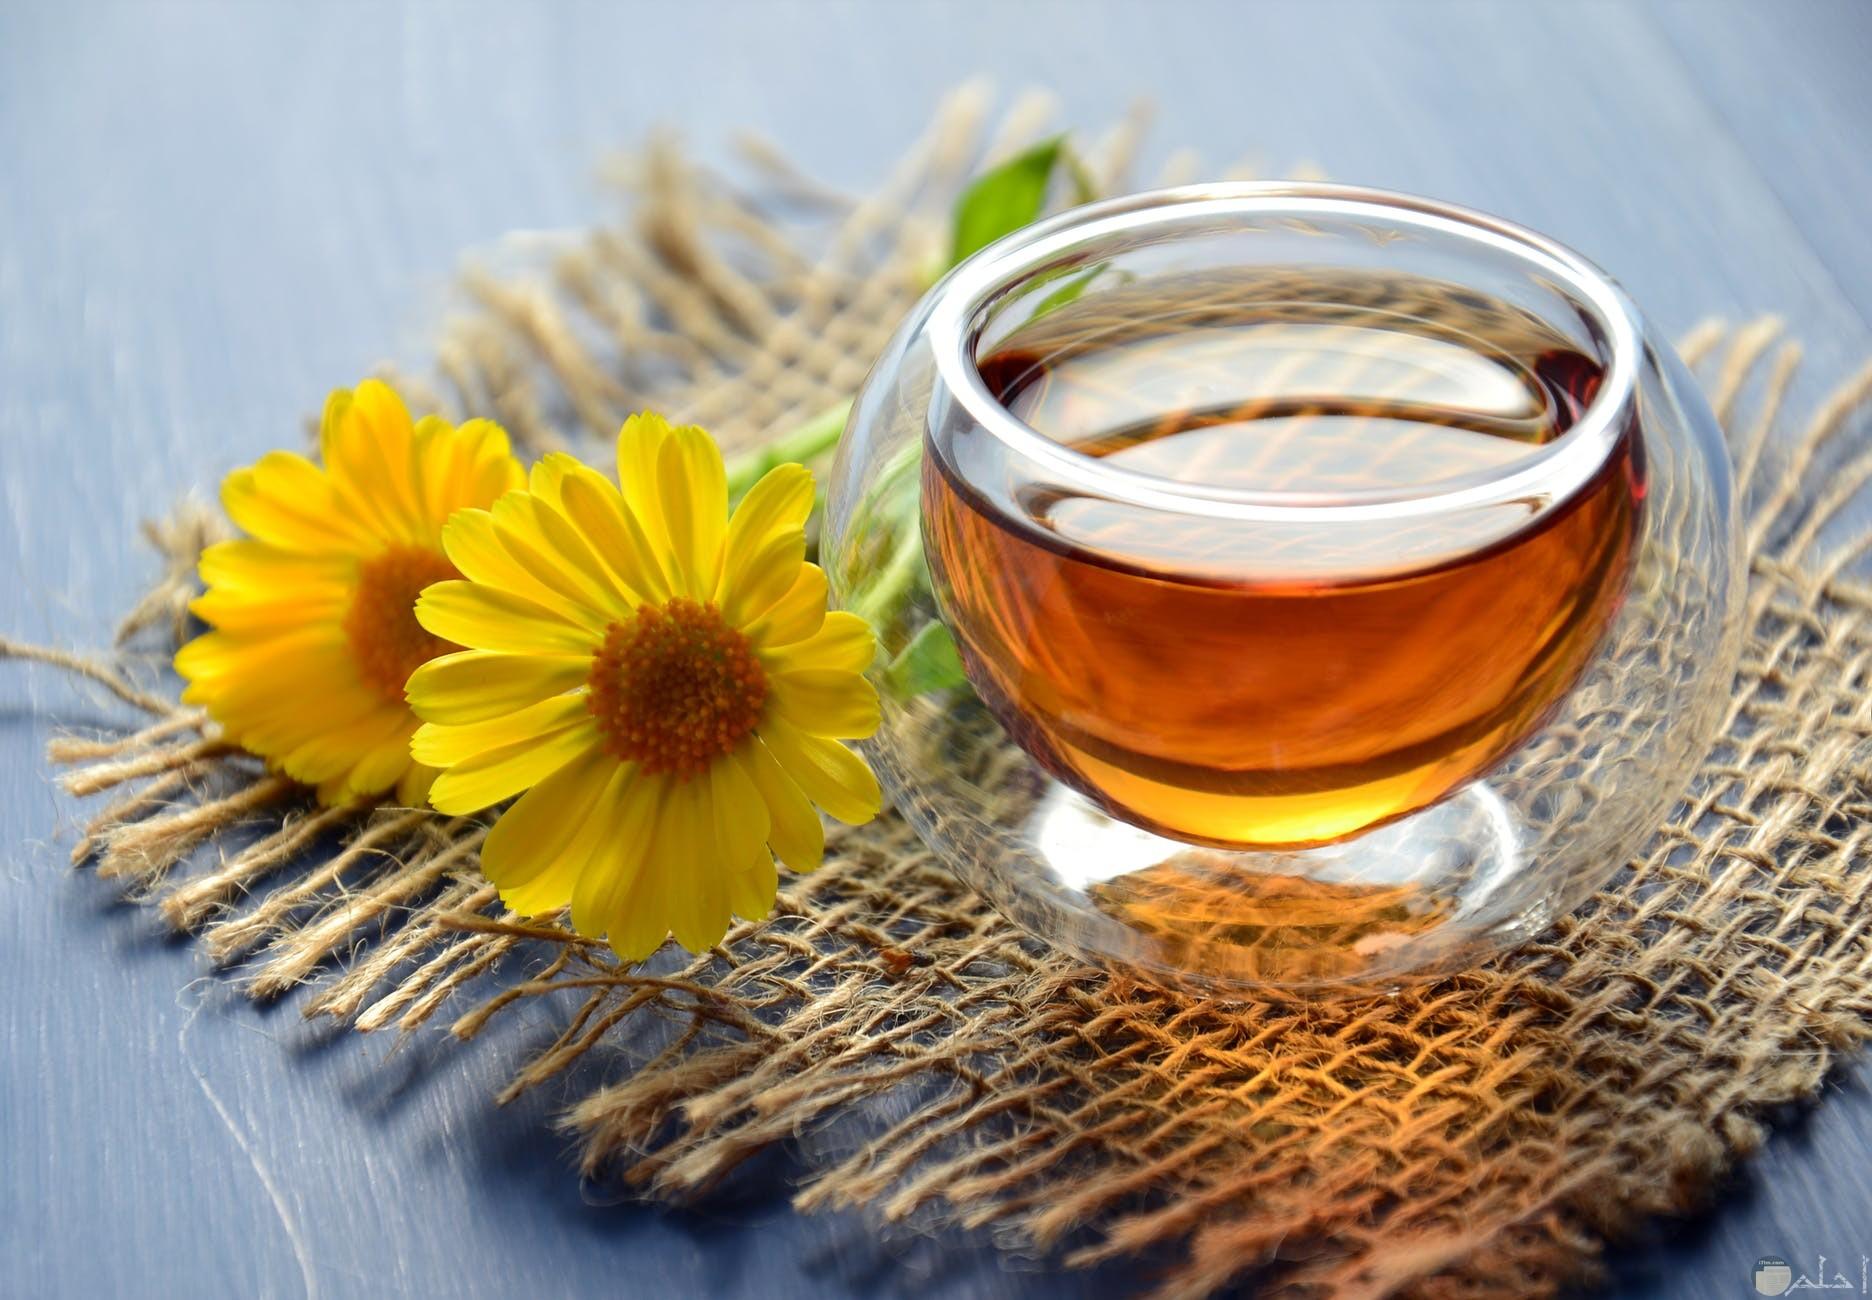 كوب من العسل الابيض الصافي